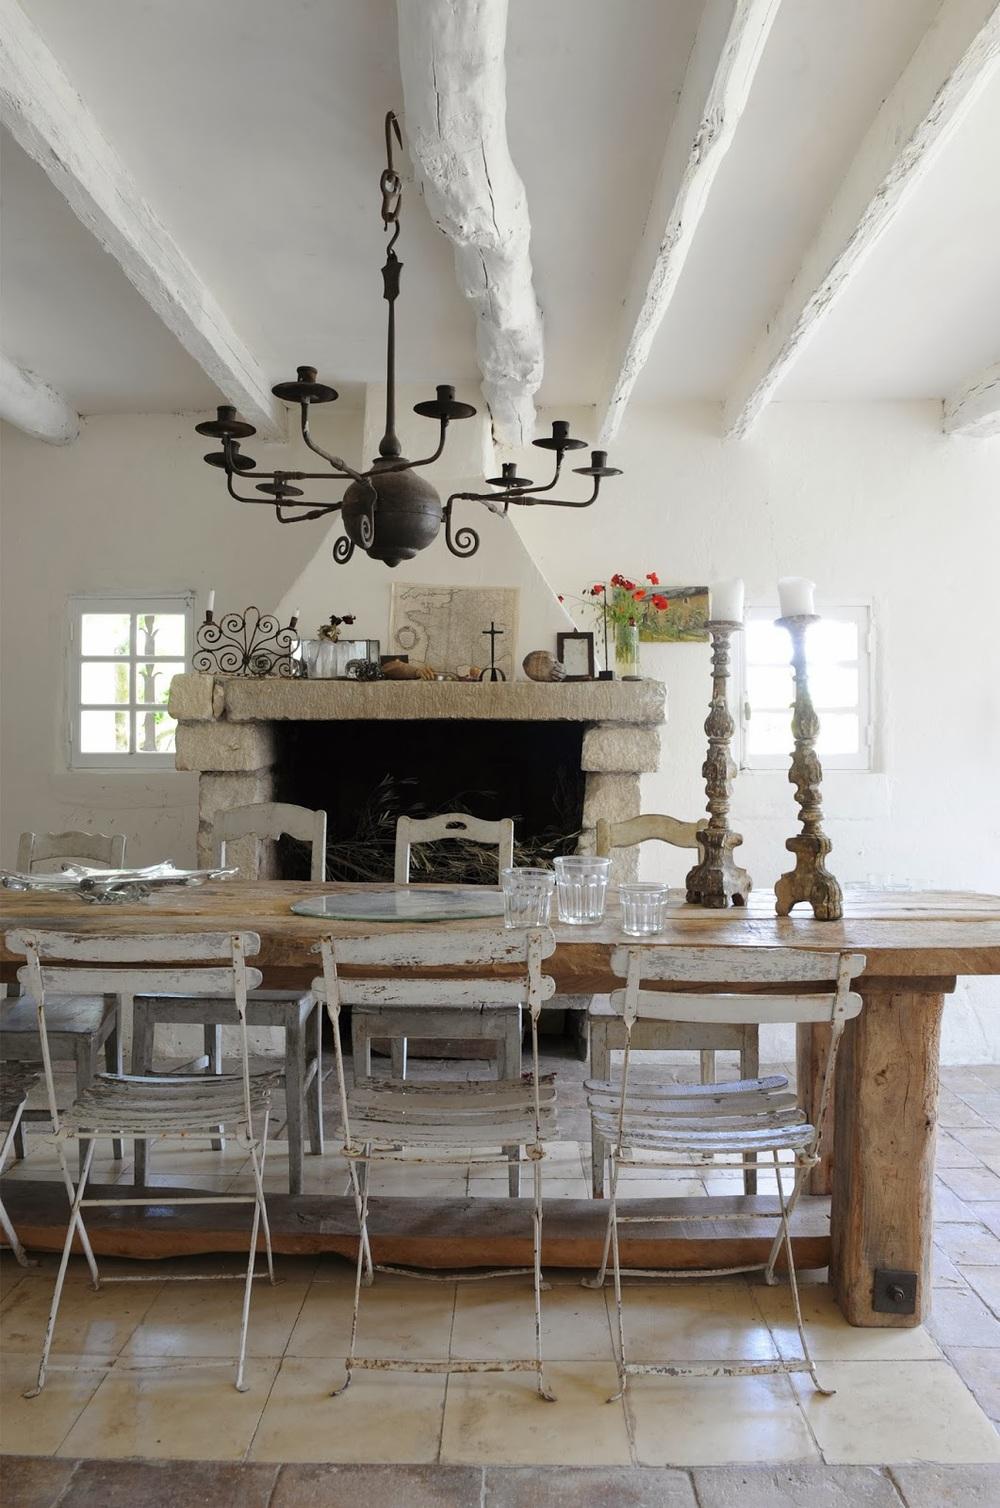 maison de campagne le petit floril ge d coration int rieure architecture bordeaux paris. Black Bedroom Furniture Sets. Home Design Ideas